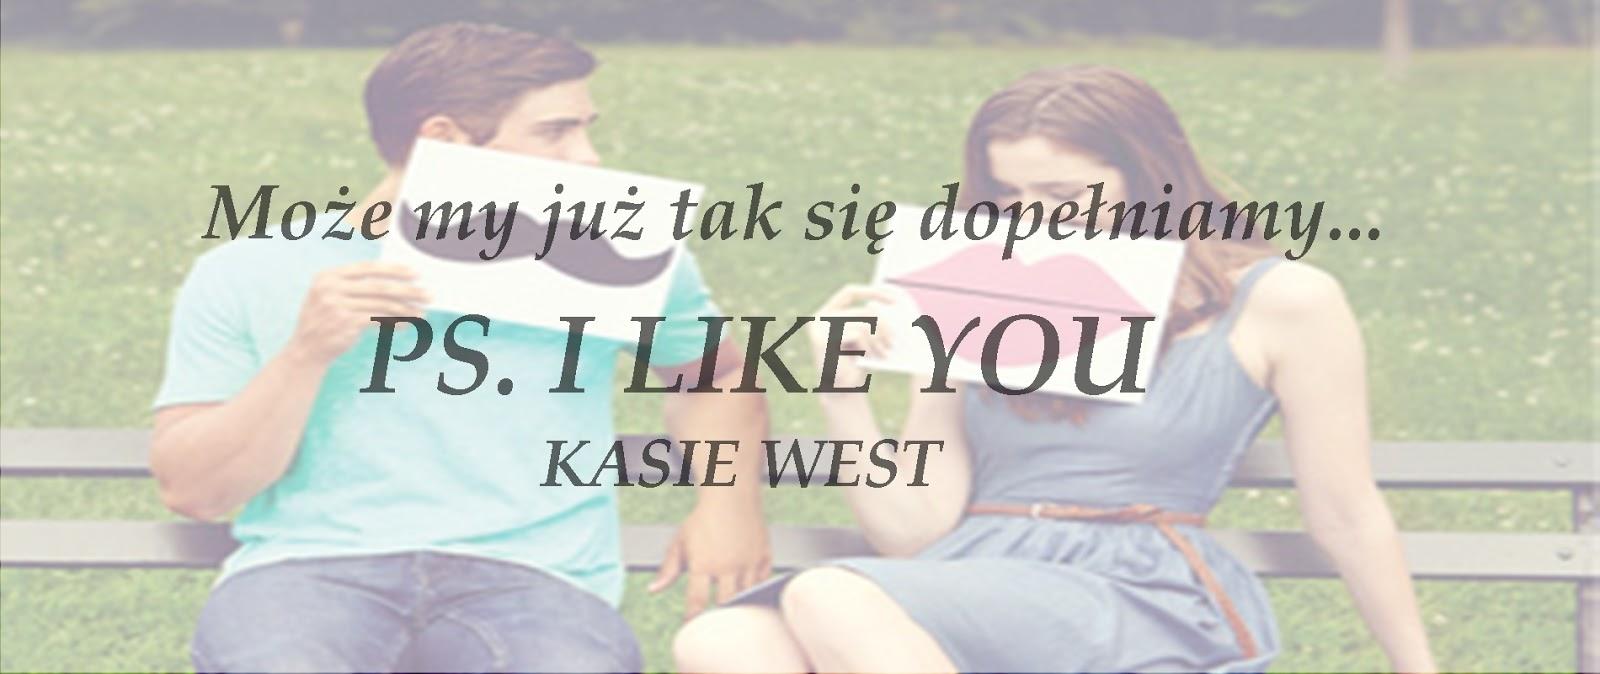 #84 - [PRZEDPREMIEROWO] Kasie West || PS. I LIKE YOU